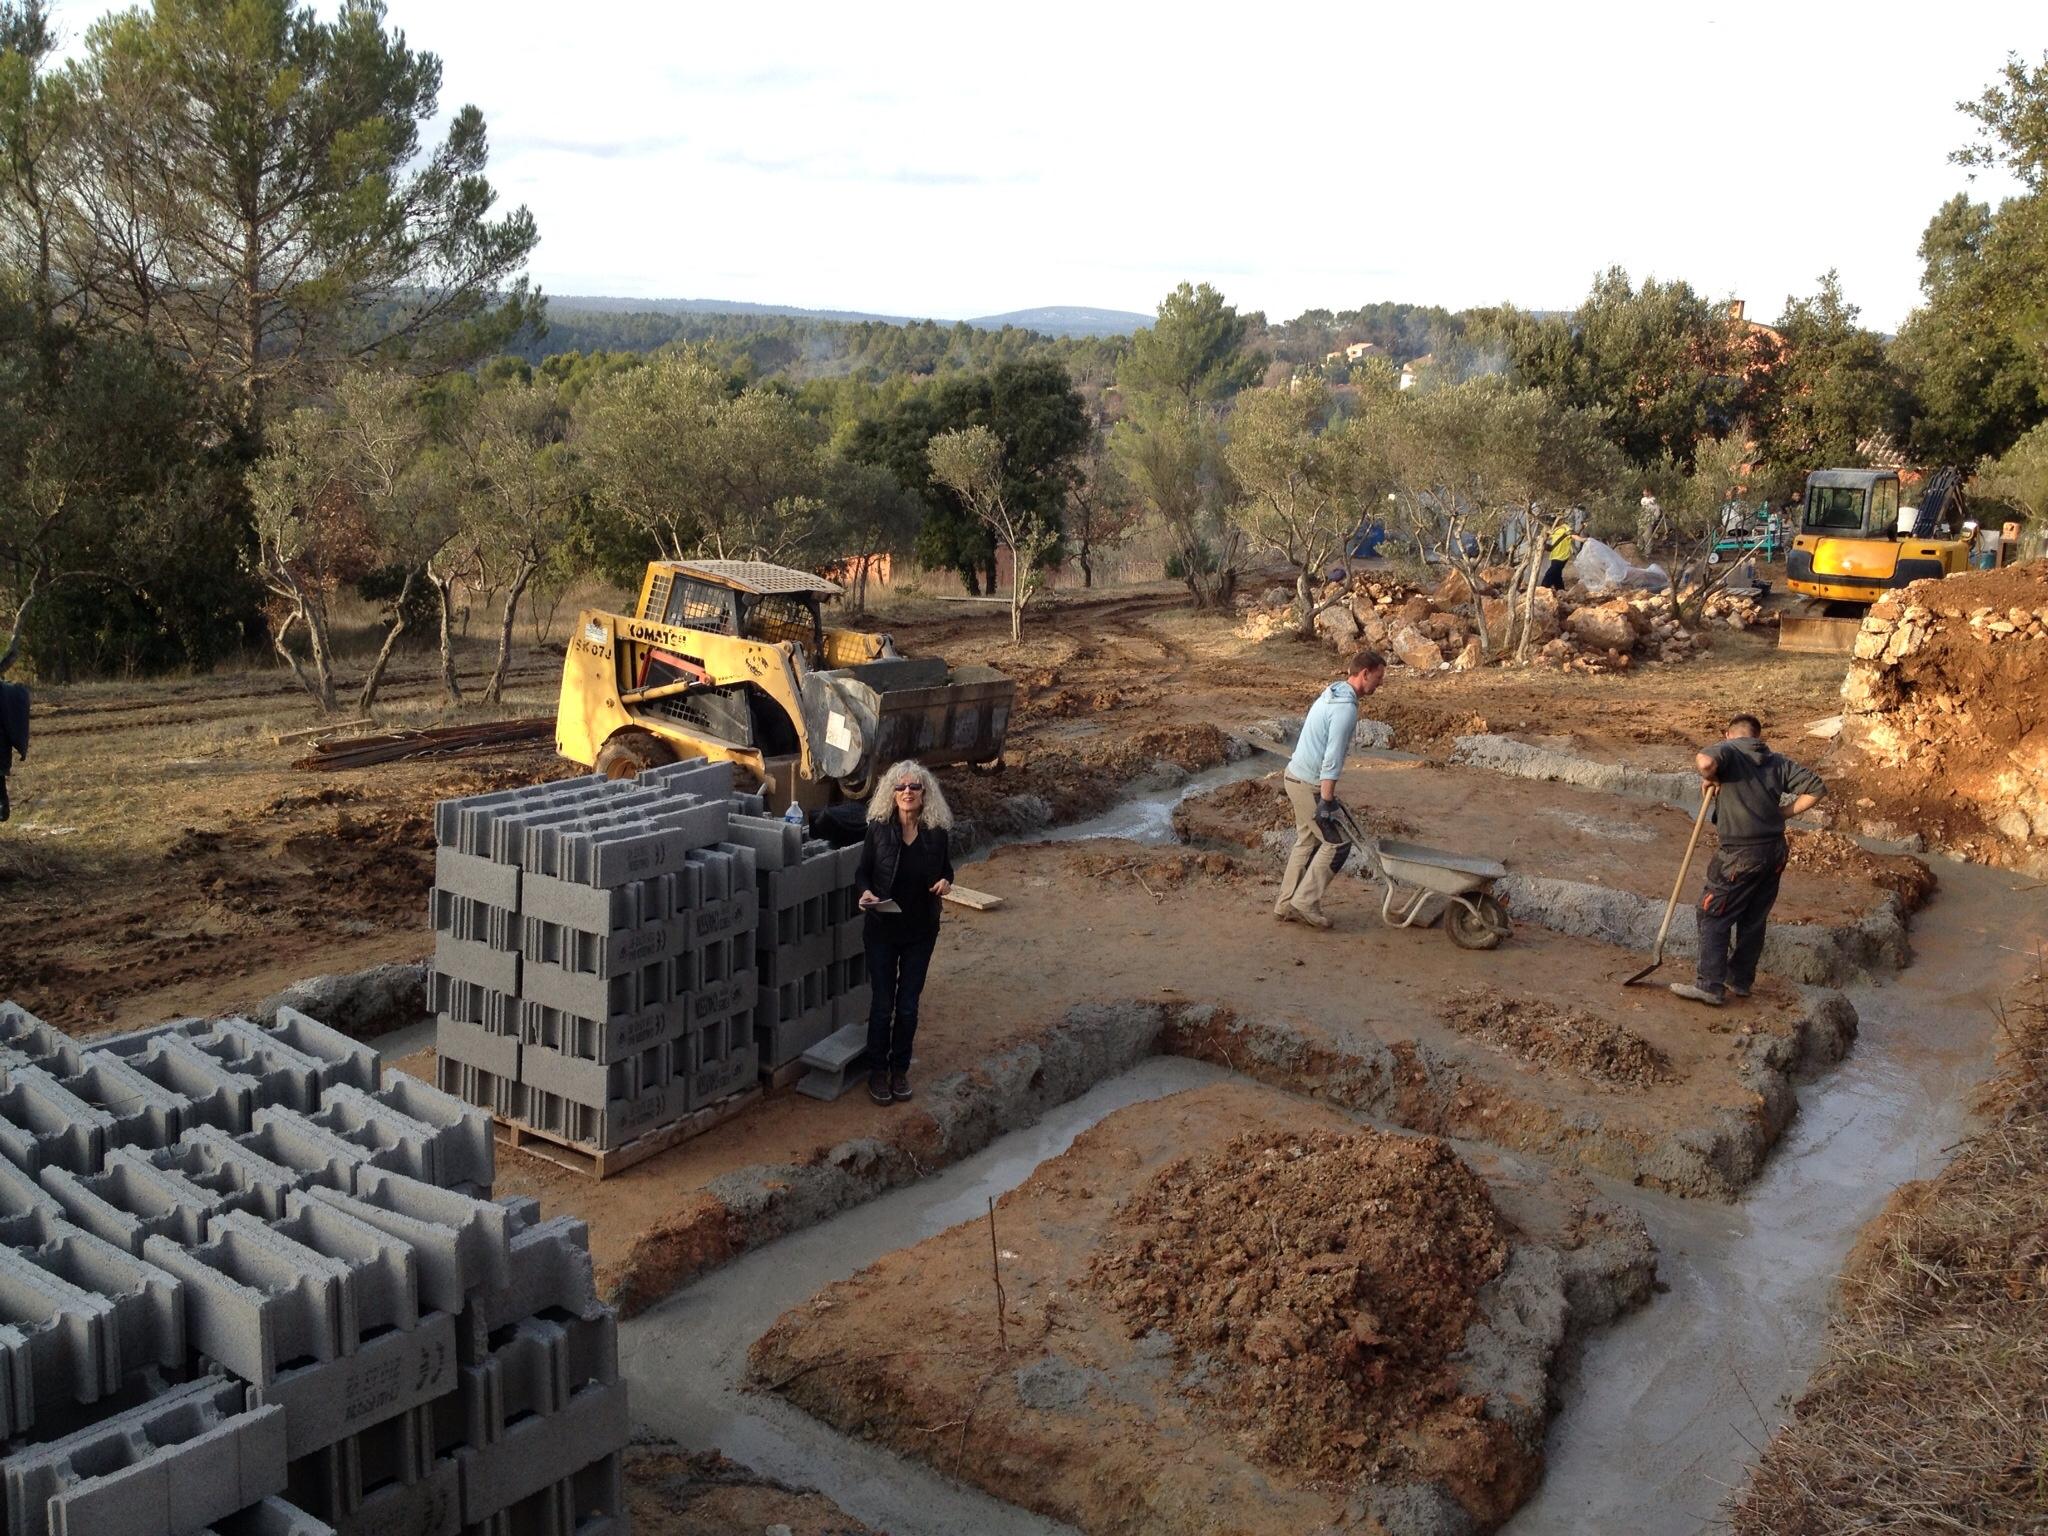 Fondation maison bois c t sud for Sechage fondation